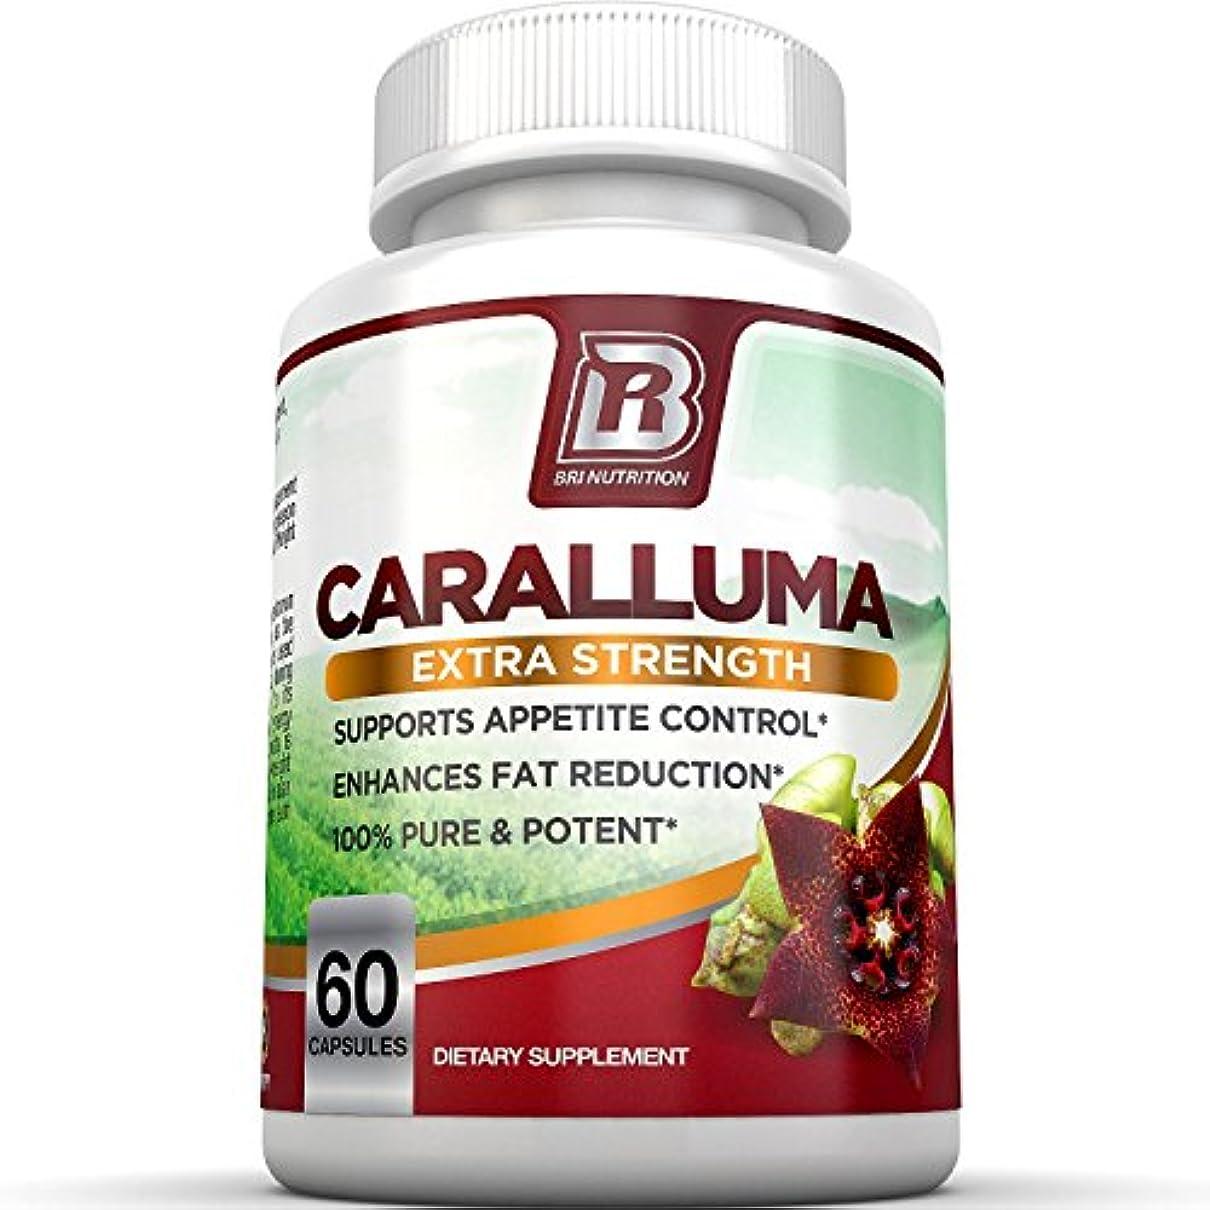 十分なムスタチオ静脈BRI栄養カラルマFimbriata - 20 : 1エキス最大耐力?サプリメント - 30日サプライ60ctベジカプセル - ピュアインドカラルマFimbriataから作りました BRI Nutrition Caralluma...